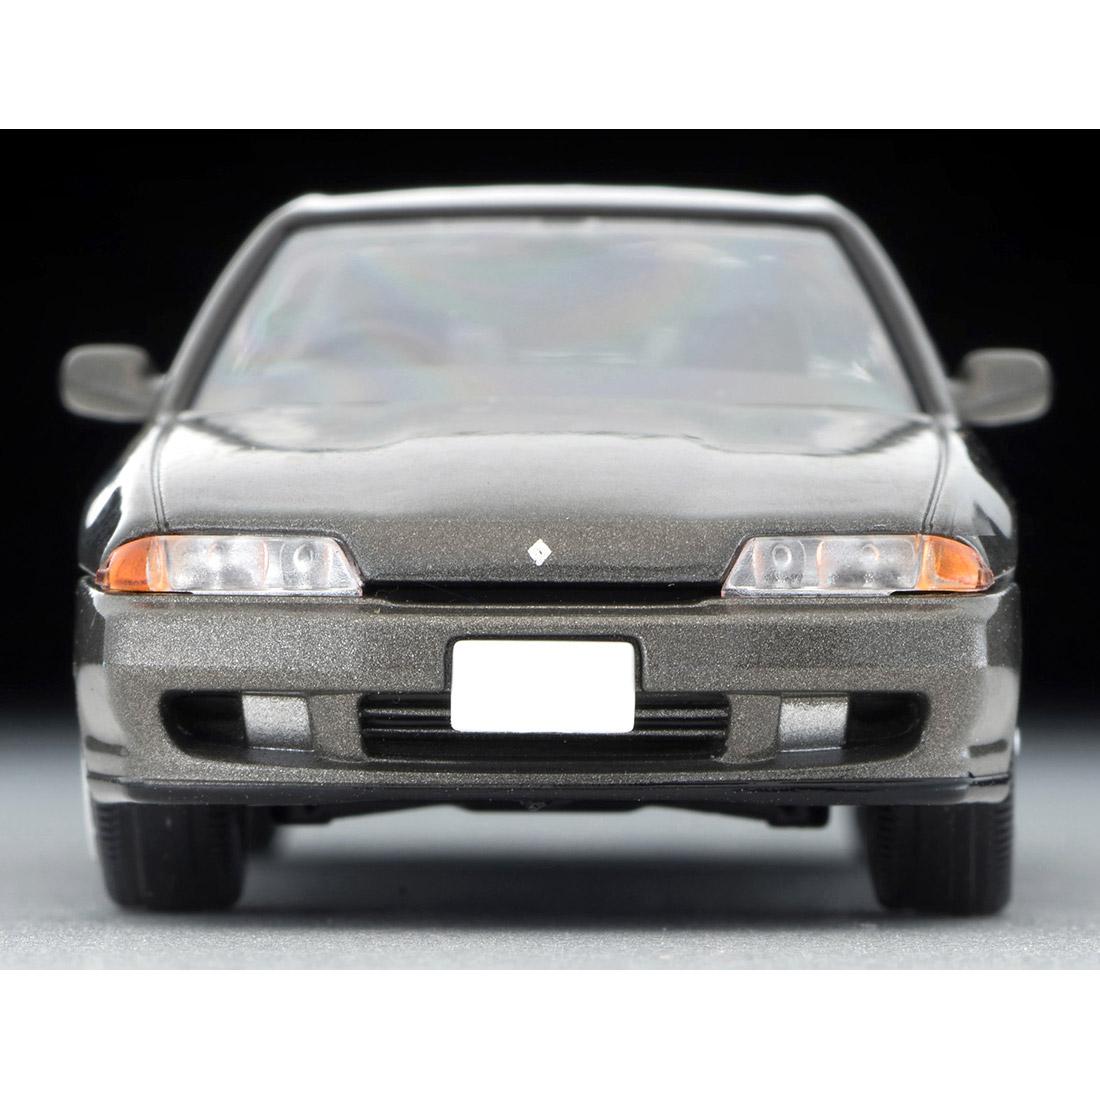 トミカリミテッドヴィンテージ ネオ『LV-N194a 日産スカイライン GTS25 タイプX・G (グレー)』ミニカー-004